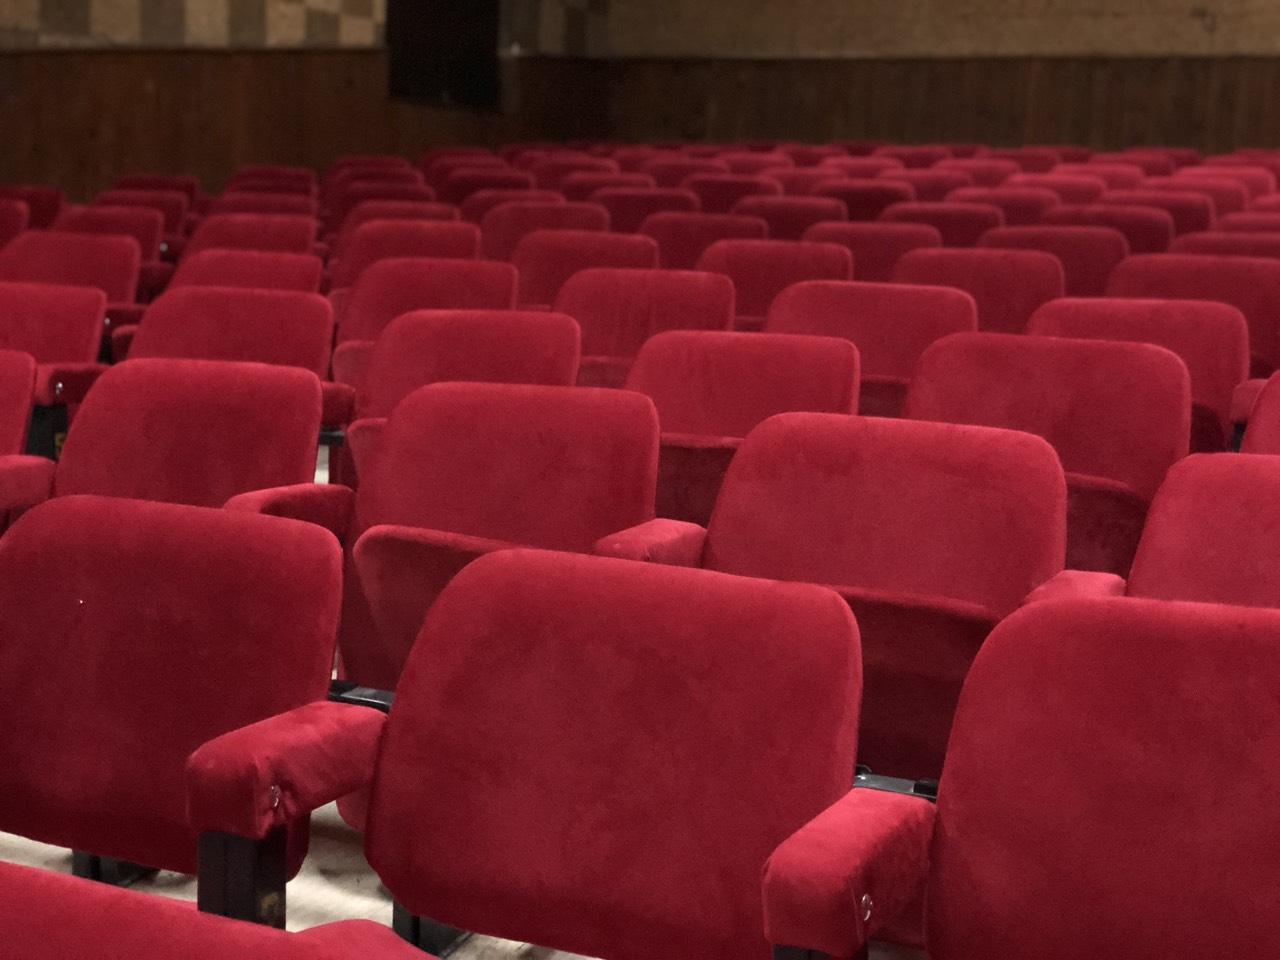 Bioskopska sedišta u Svrljigu, foto: M. Miladinović